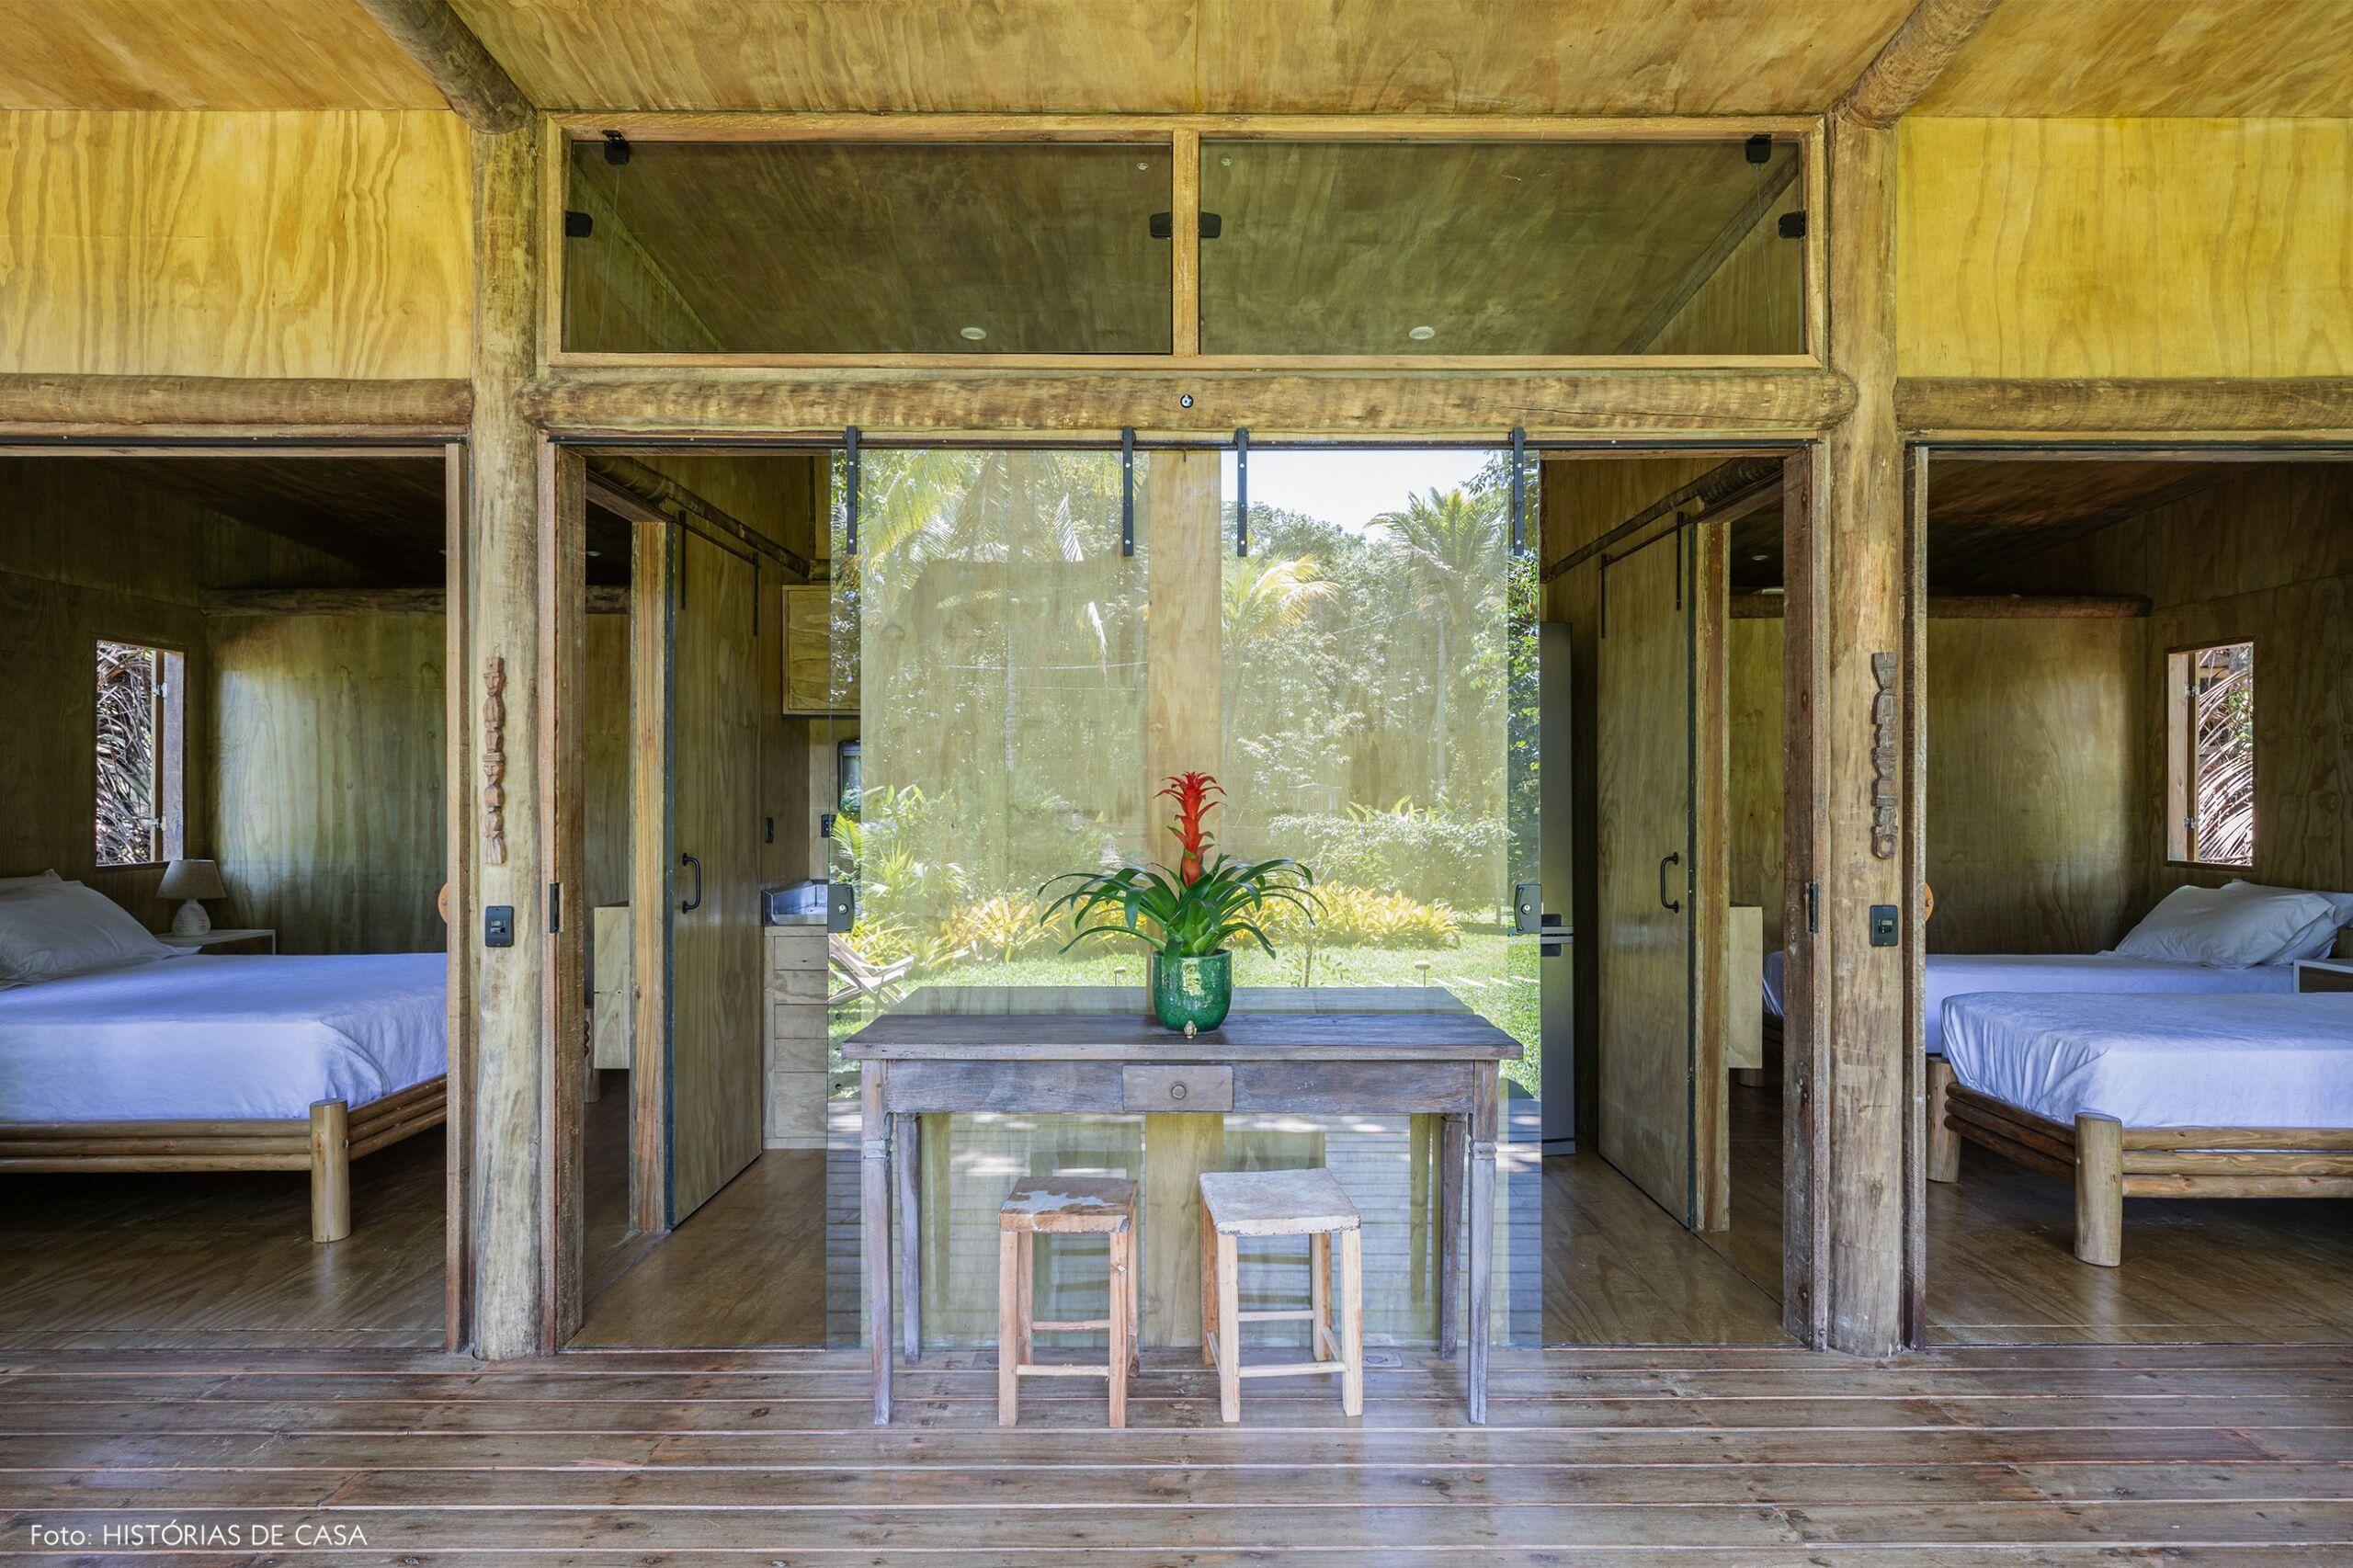 trancoso-decoracao-hotel-villase7e-19-quartos-cama-branca-piso-parede-teto-madeira-mesa-madeira-vaso-verde-bromelia